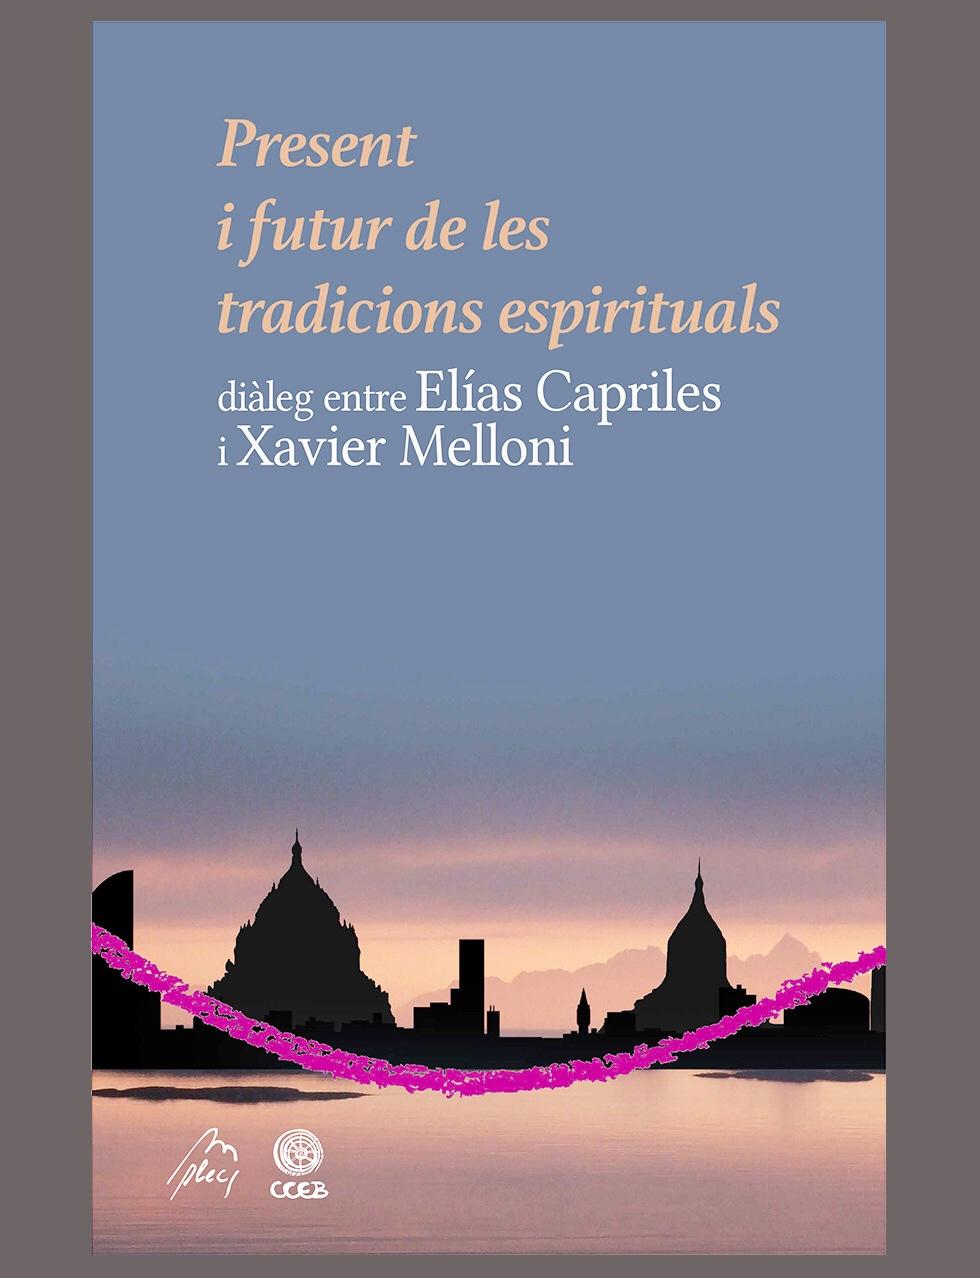 """Presentació del llibre """"Present i futur de les tradicions espirituals"""""""